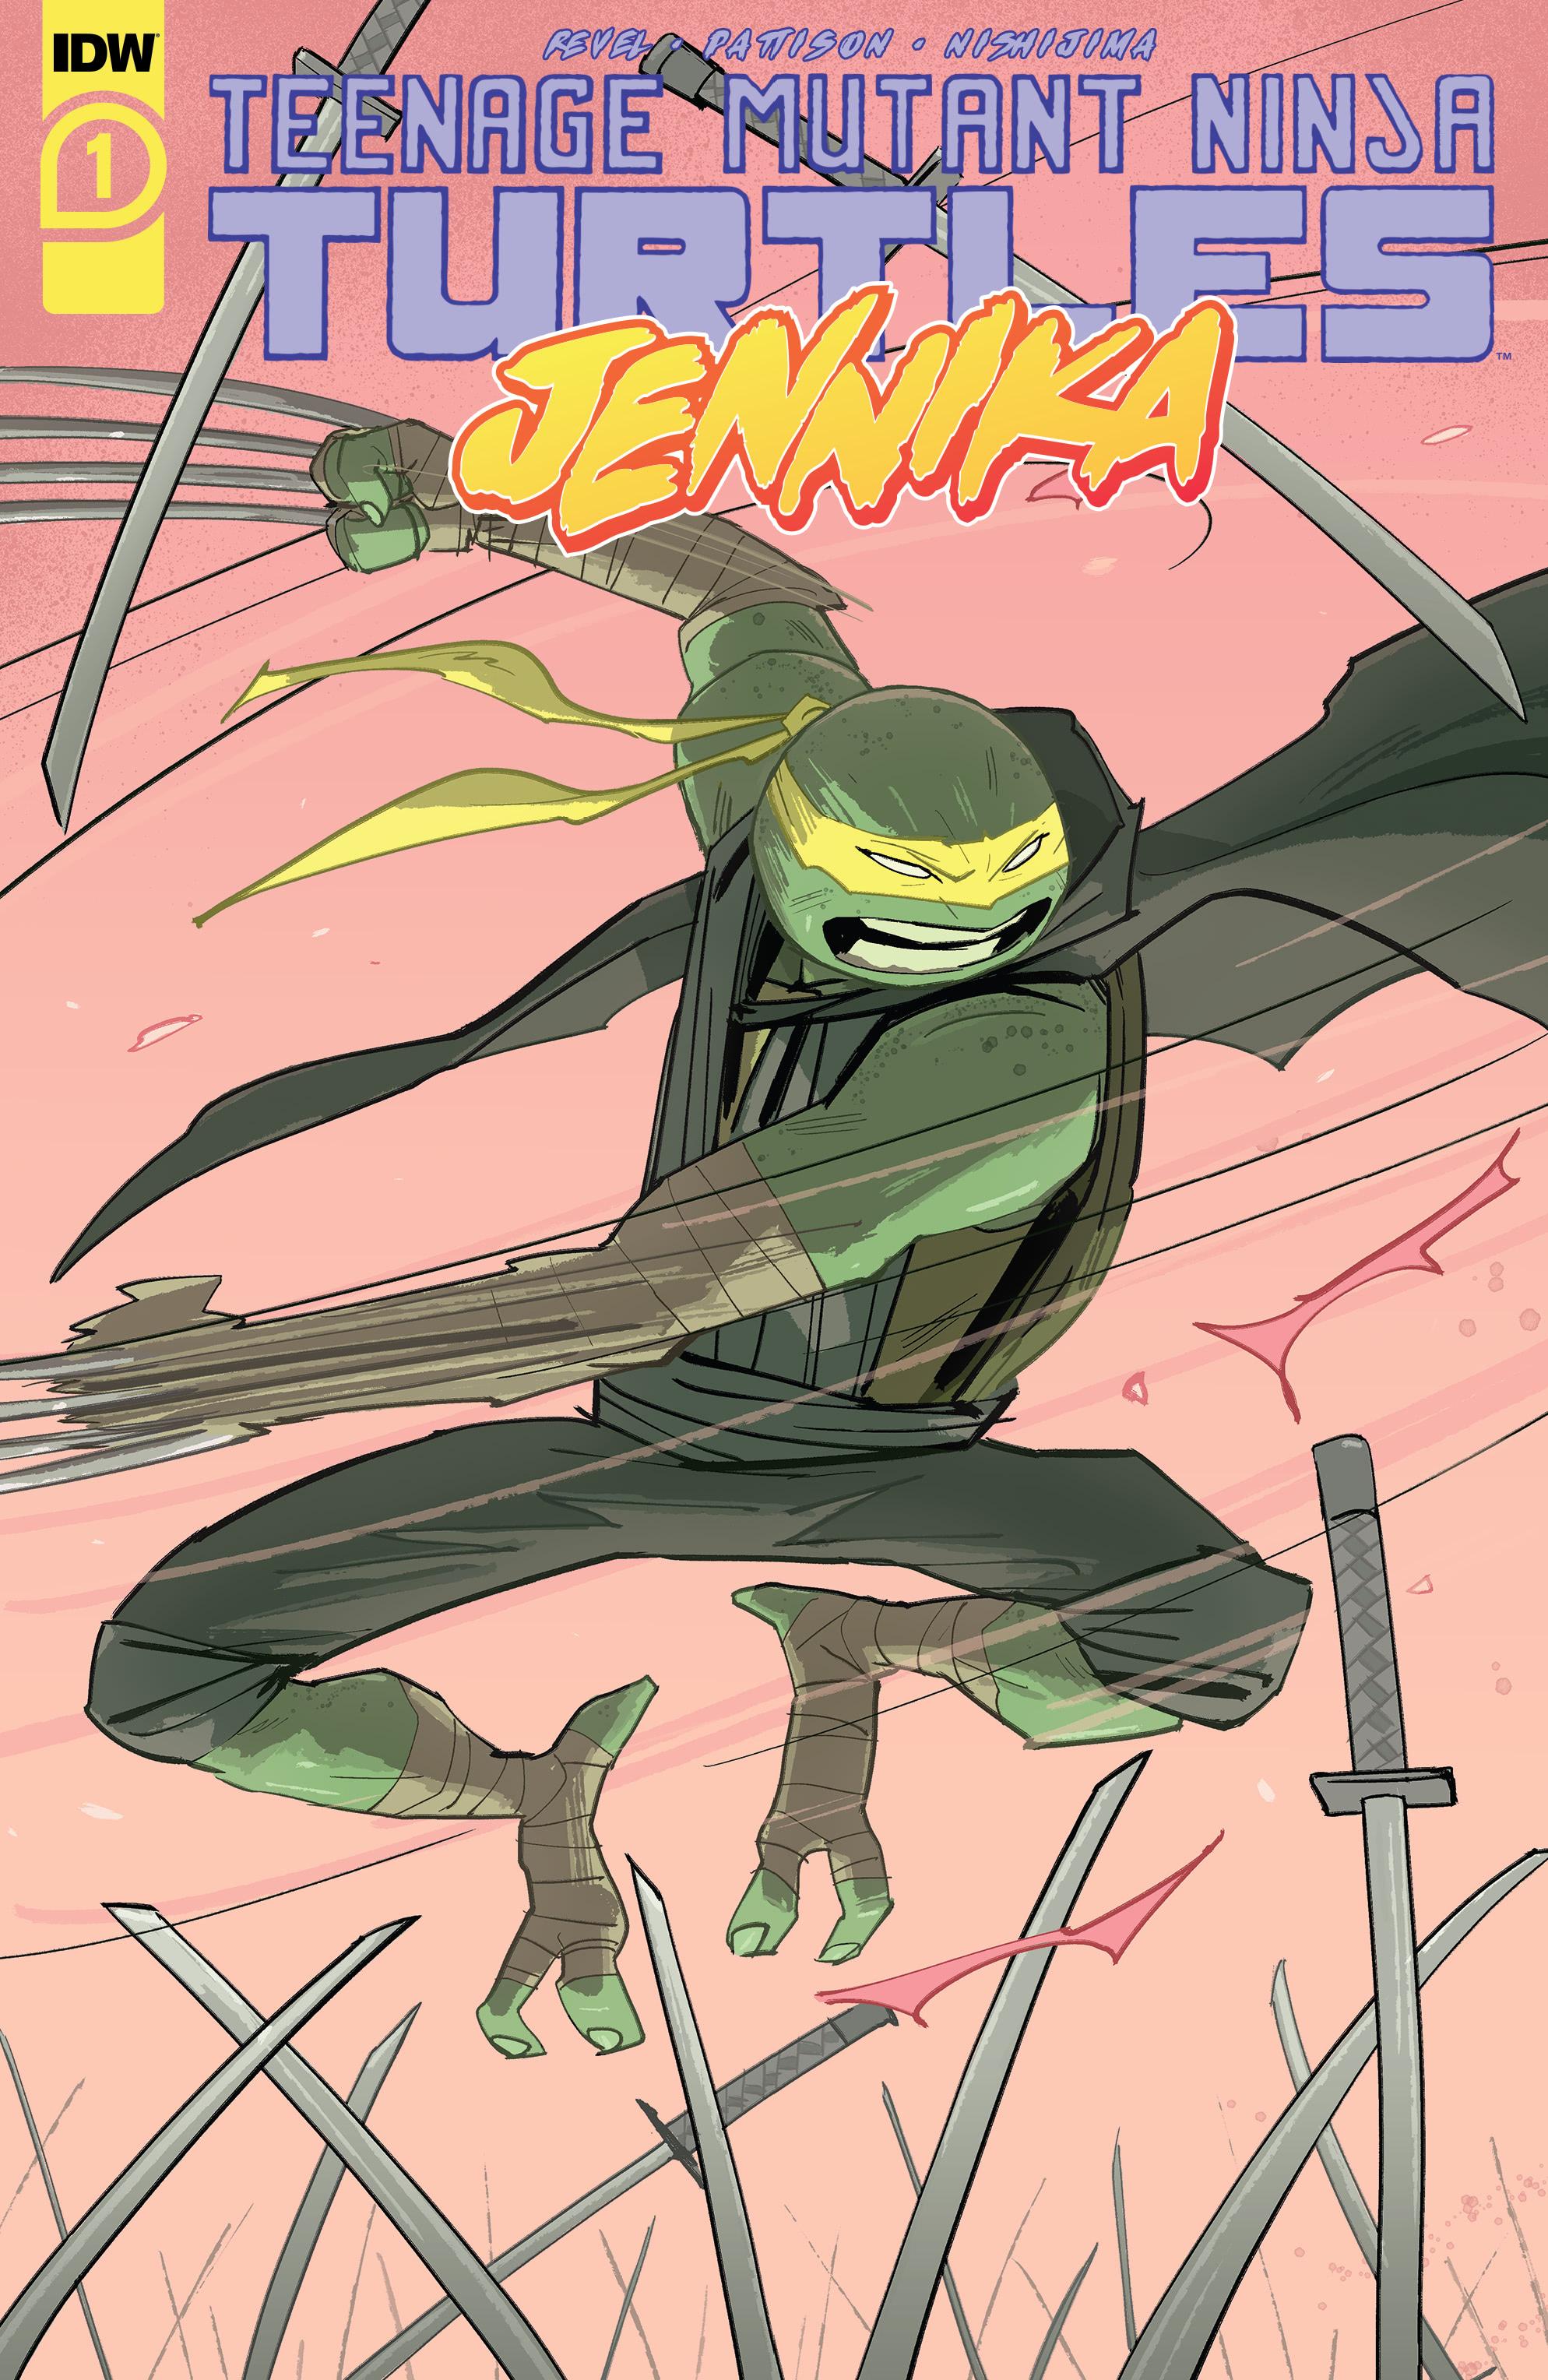 Teenage Mutant Ninja Turtles Jennika 2020 Chapter 1 Page 1